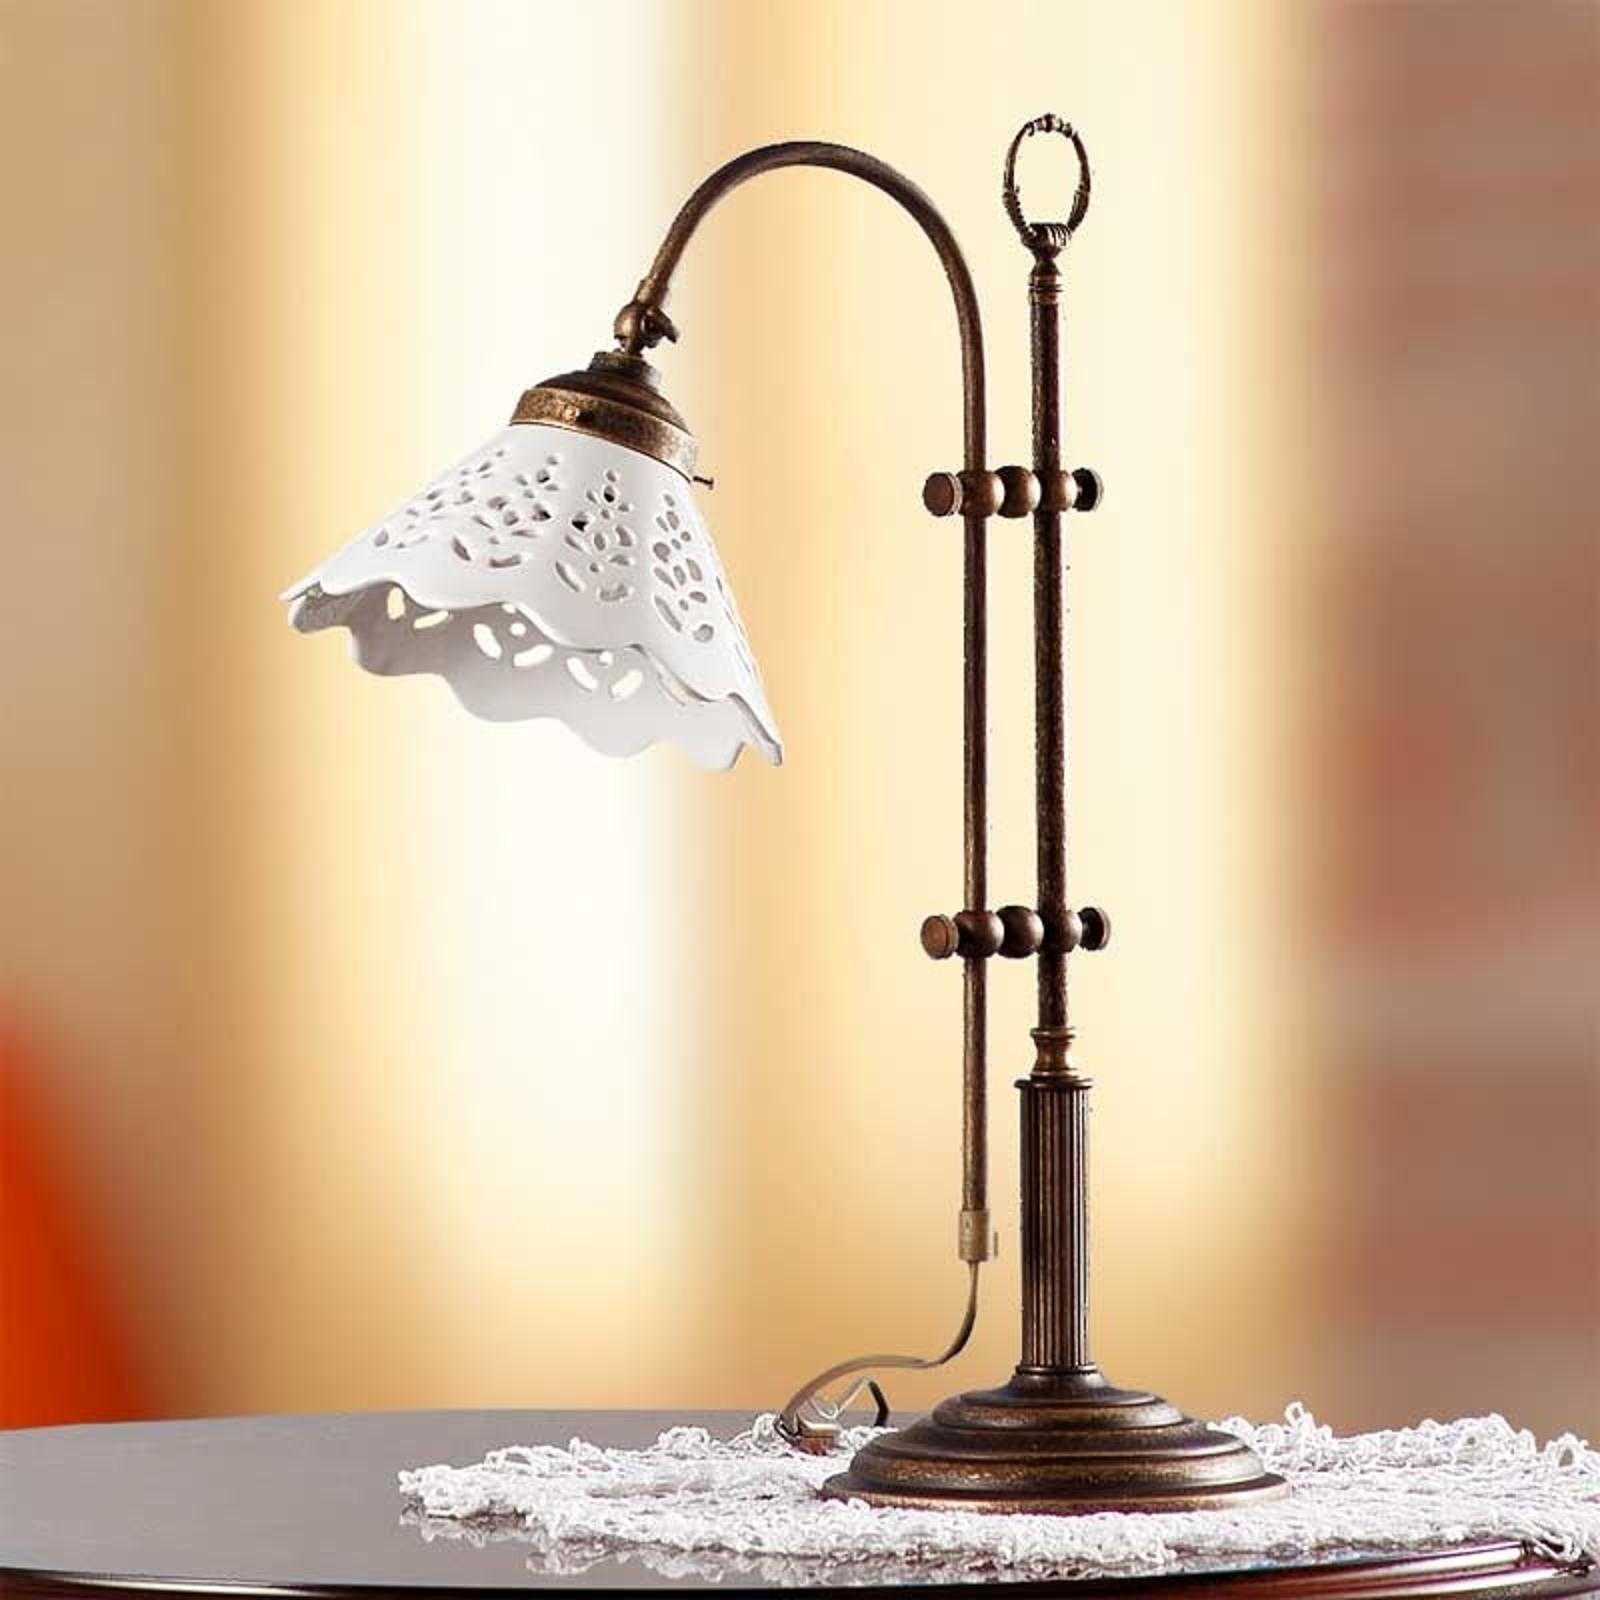 Stolná lampa Pizzo_2013059_1